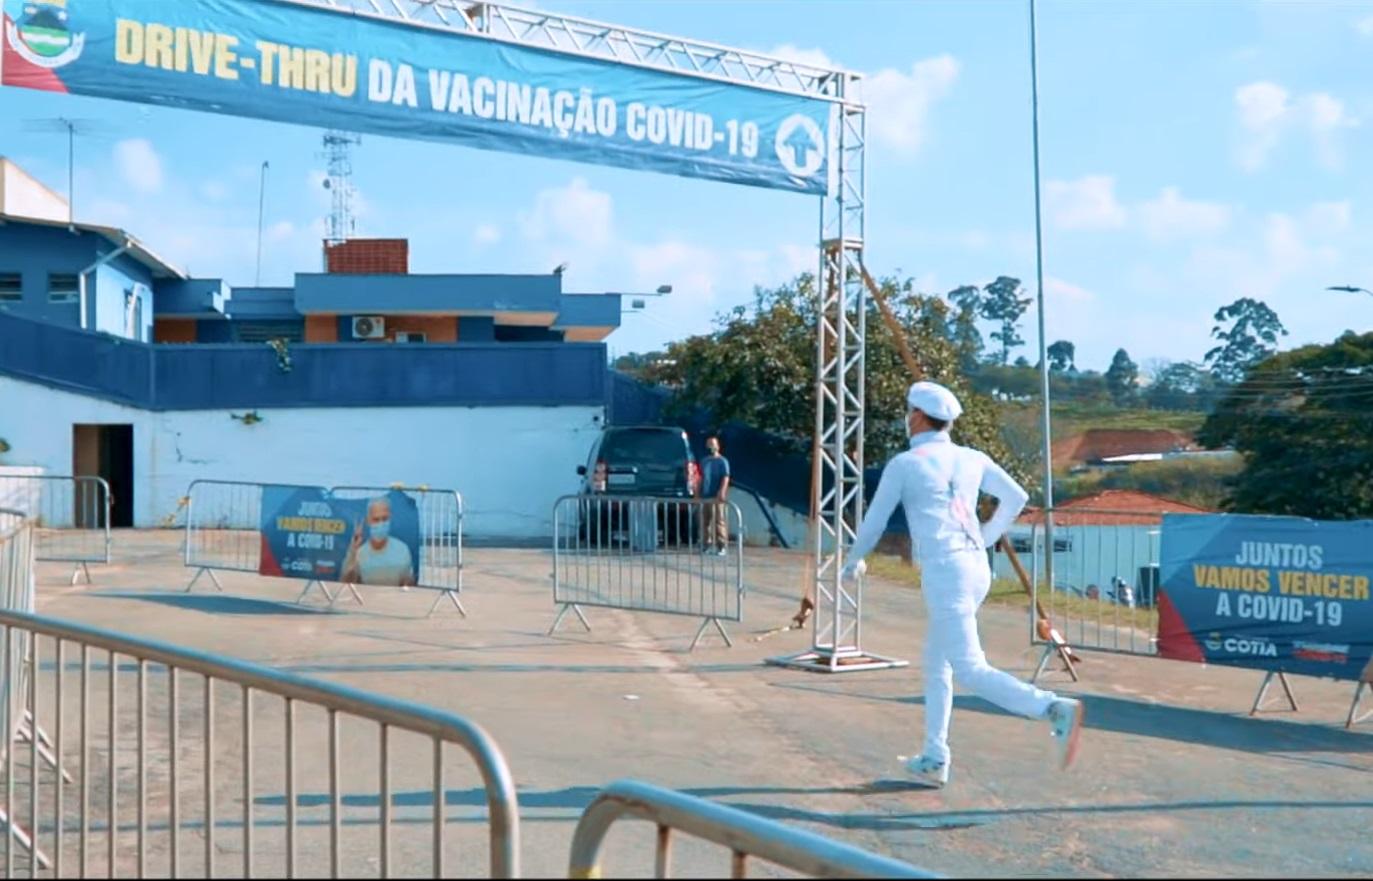 Polo de vacinação contra a Covid-19 de Cotia é cenário do novo videoclipe da Falamansa